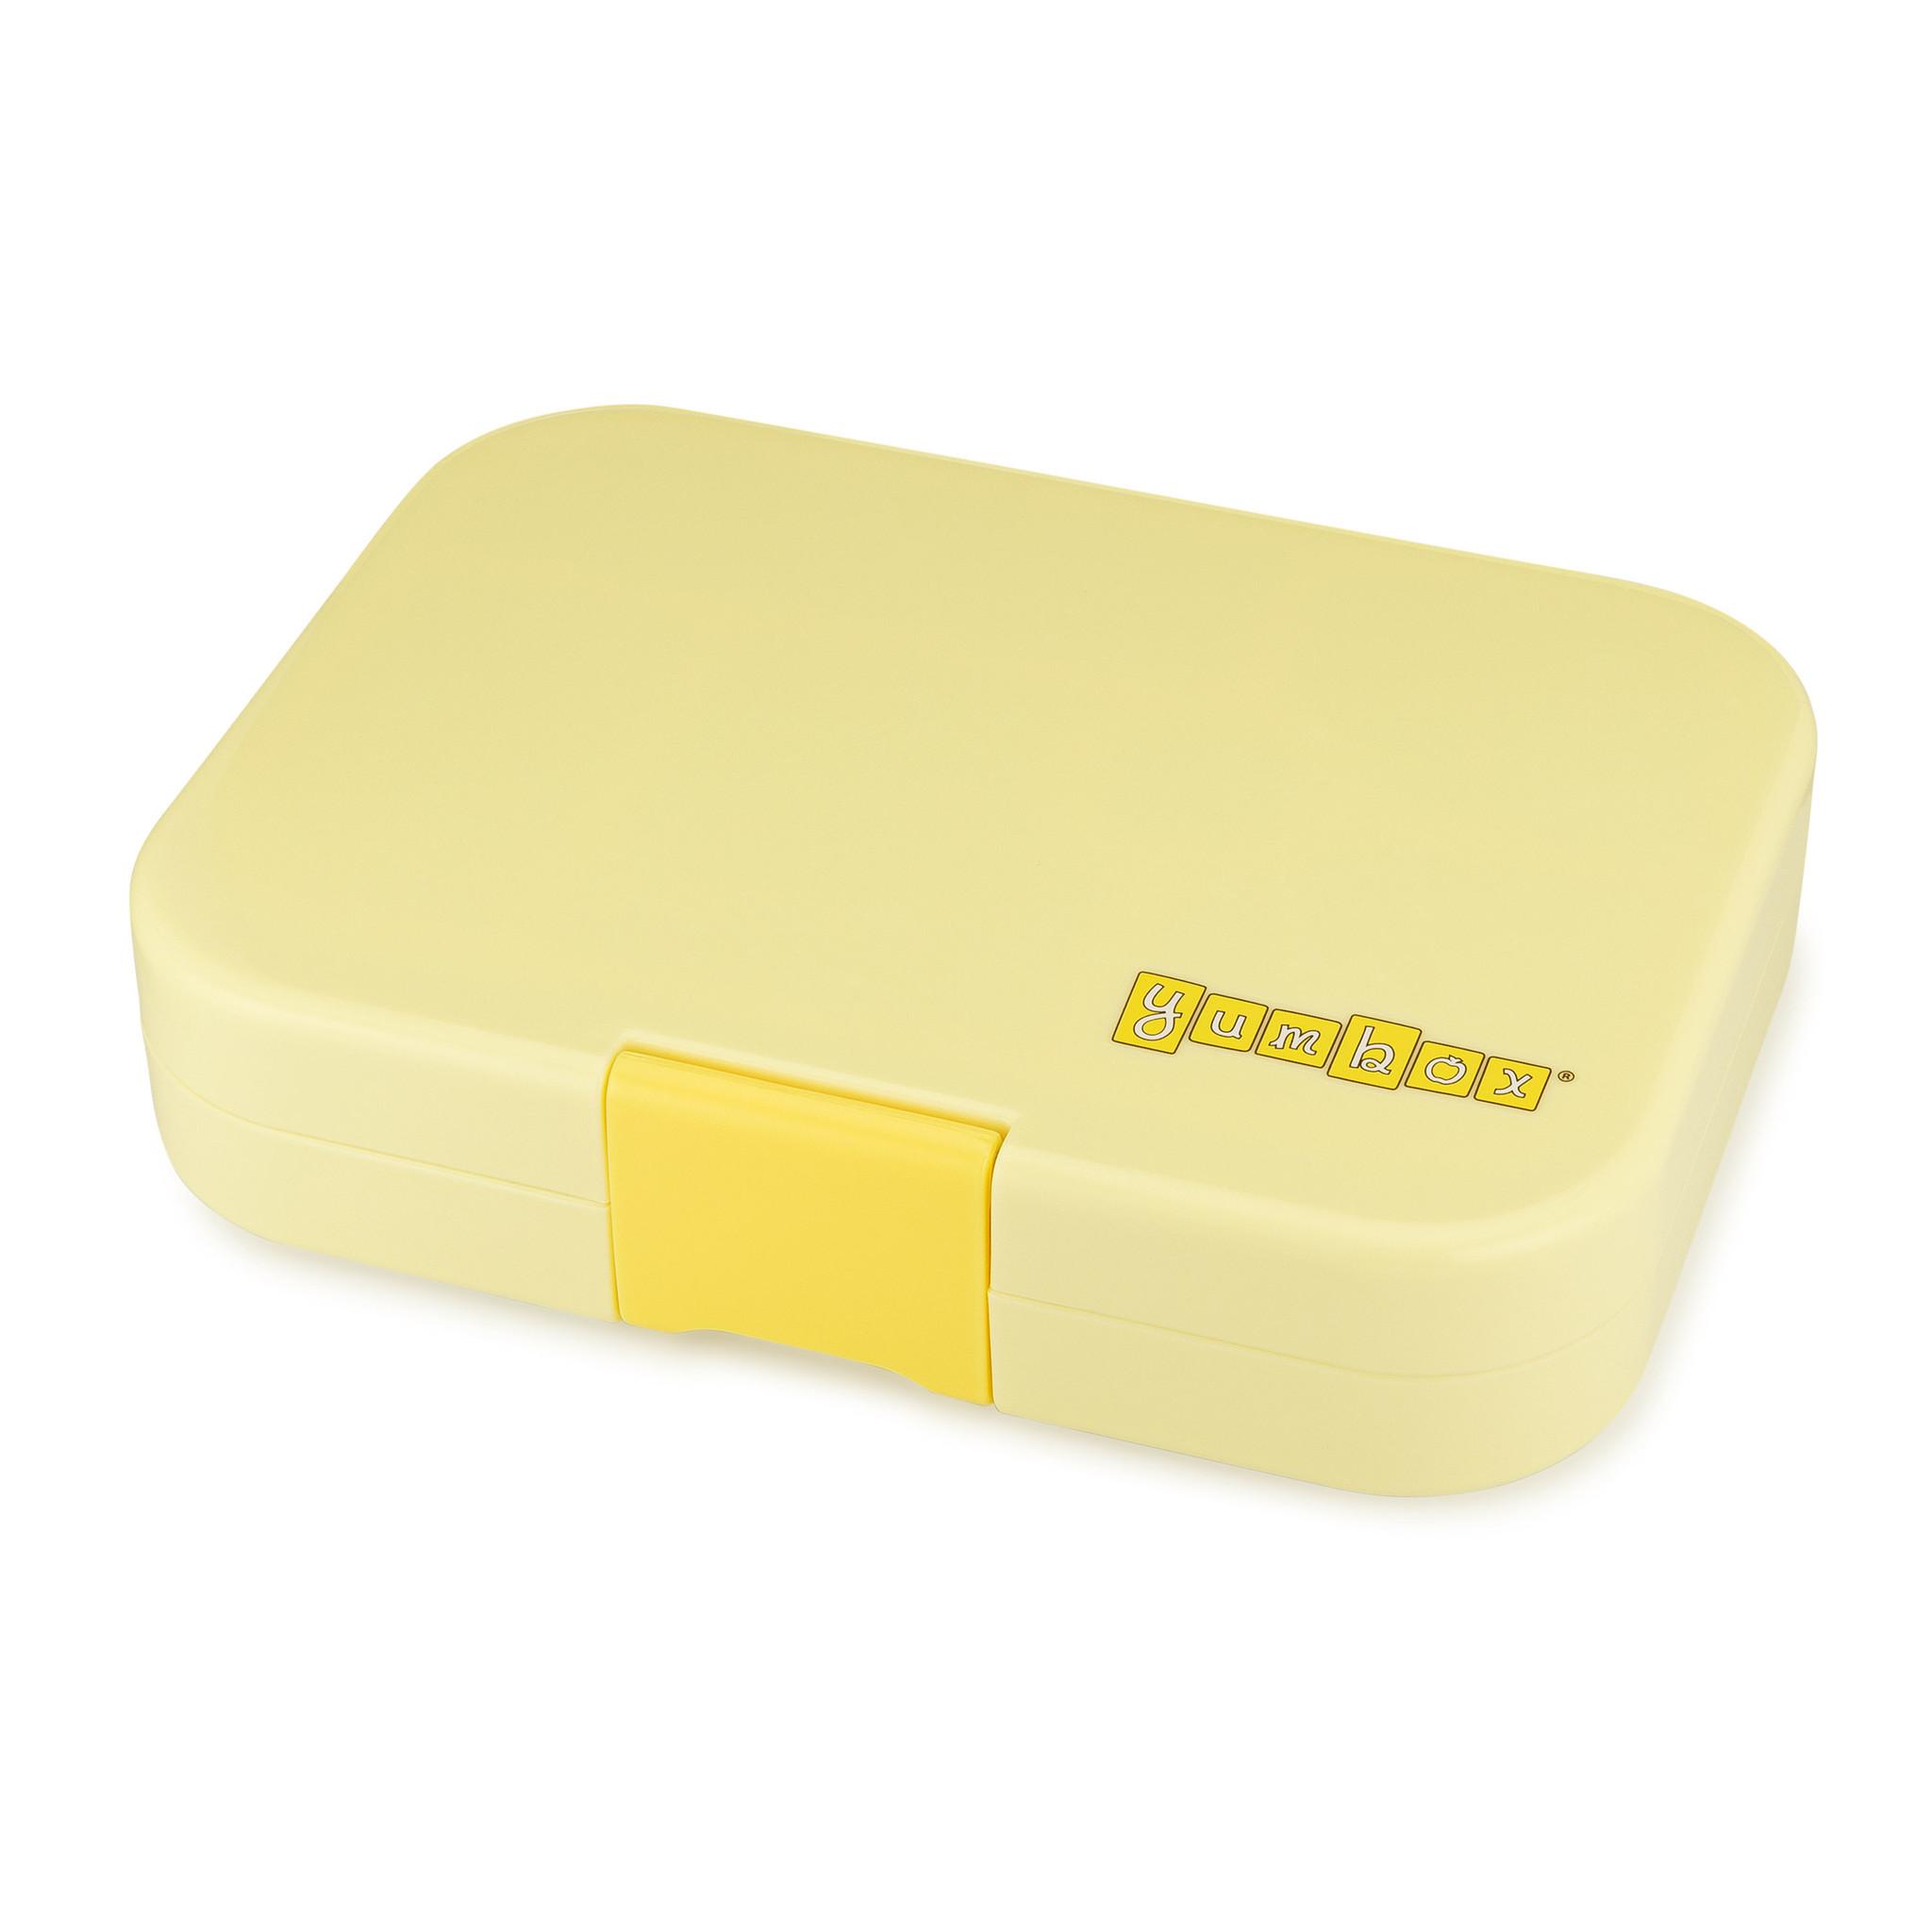 Yumbox Original broodtrommel 6 vakken Sunburst geel / Paradise tray-3